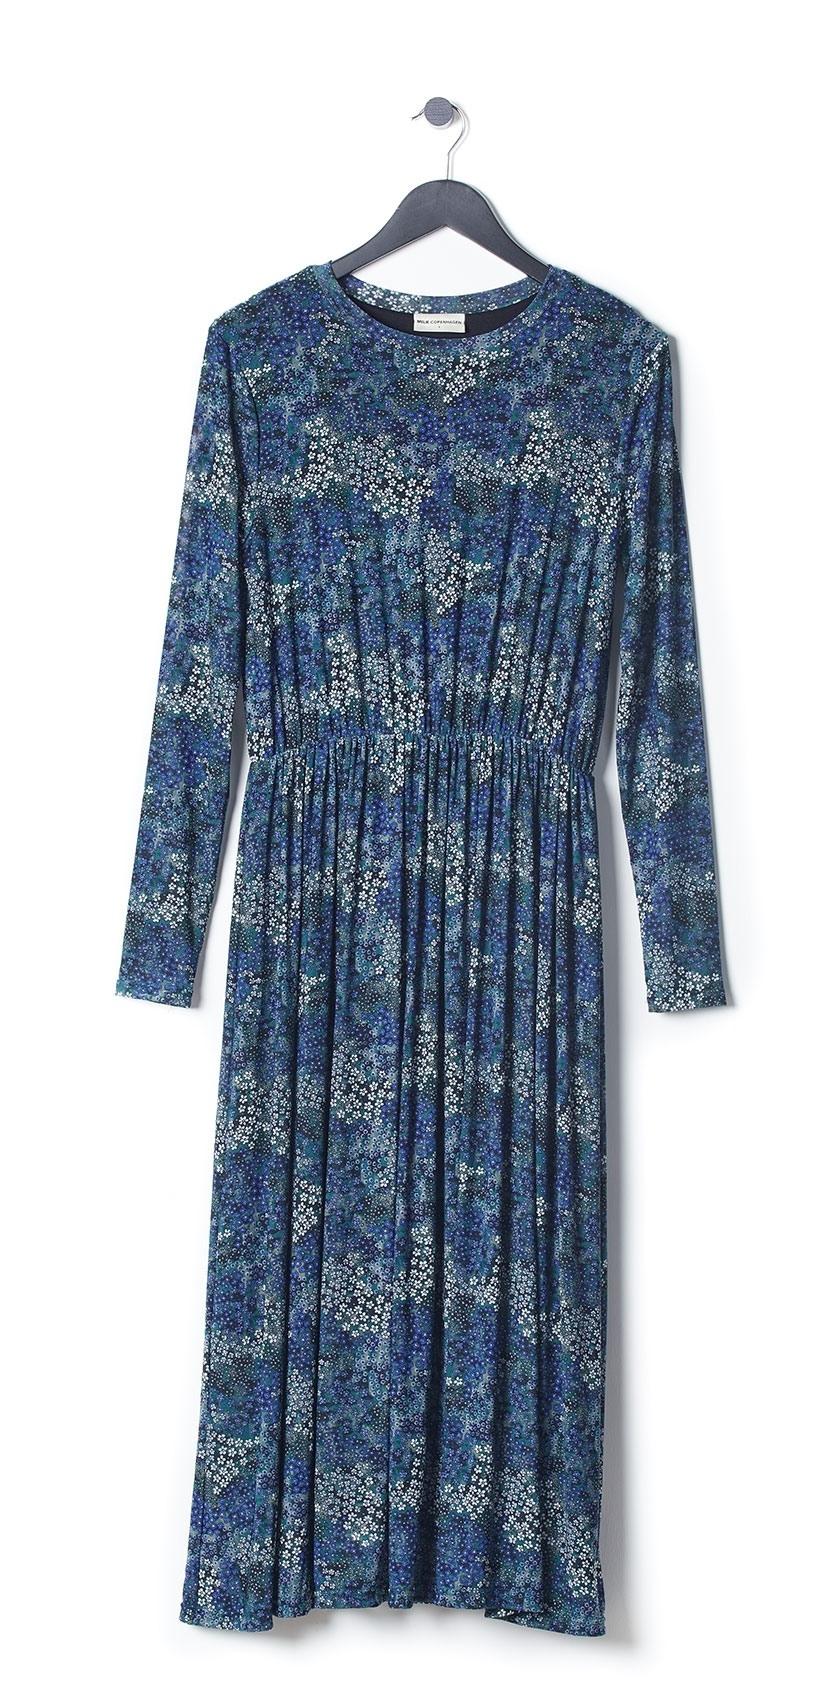 Luxurius Damen Kleid Xl Stylish Schön Damen Kleid Xl für 2019